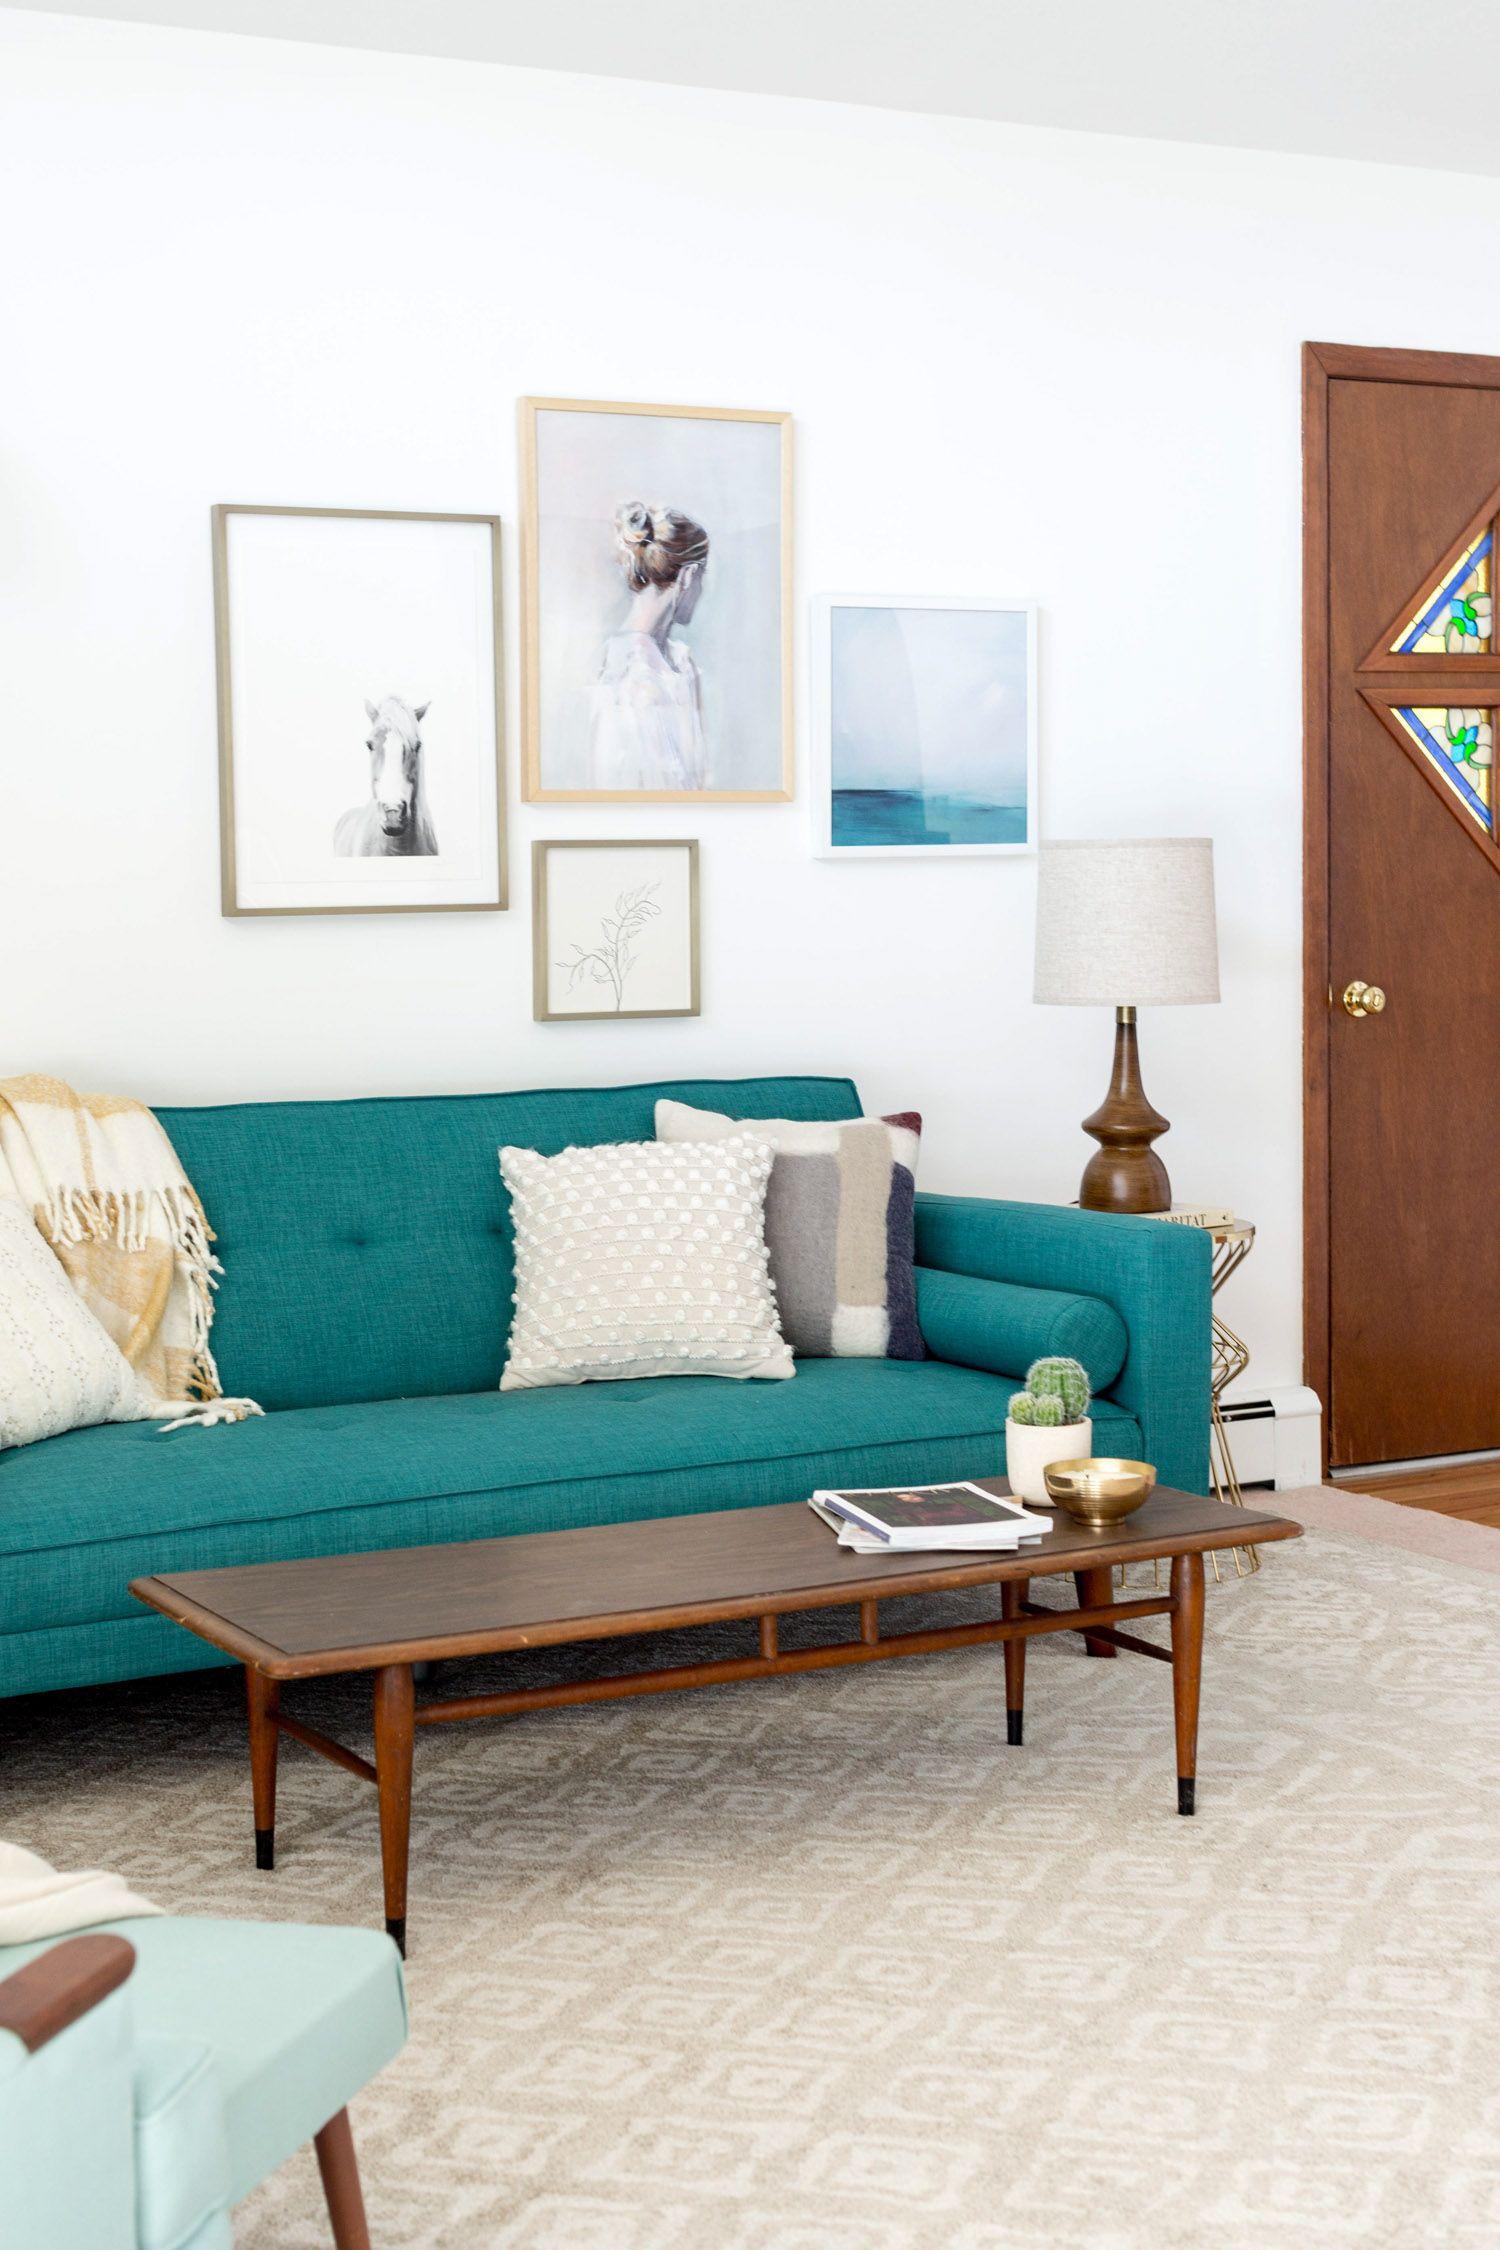 west elm - A Colorful Retro 1960s A-Frame Interior | House ...